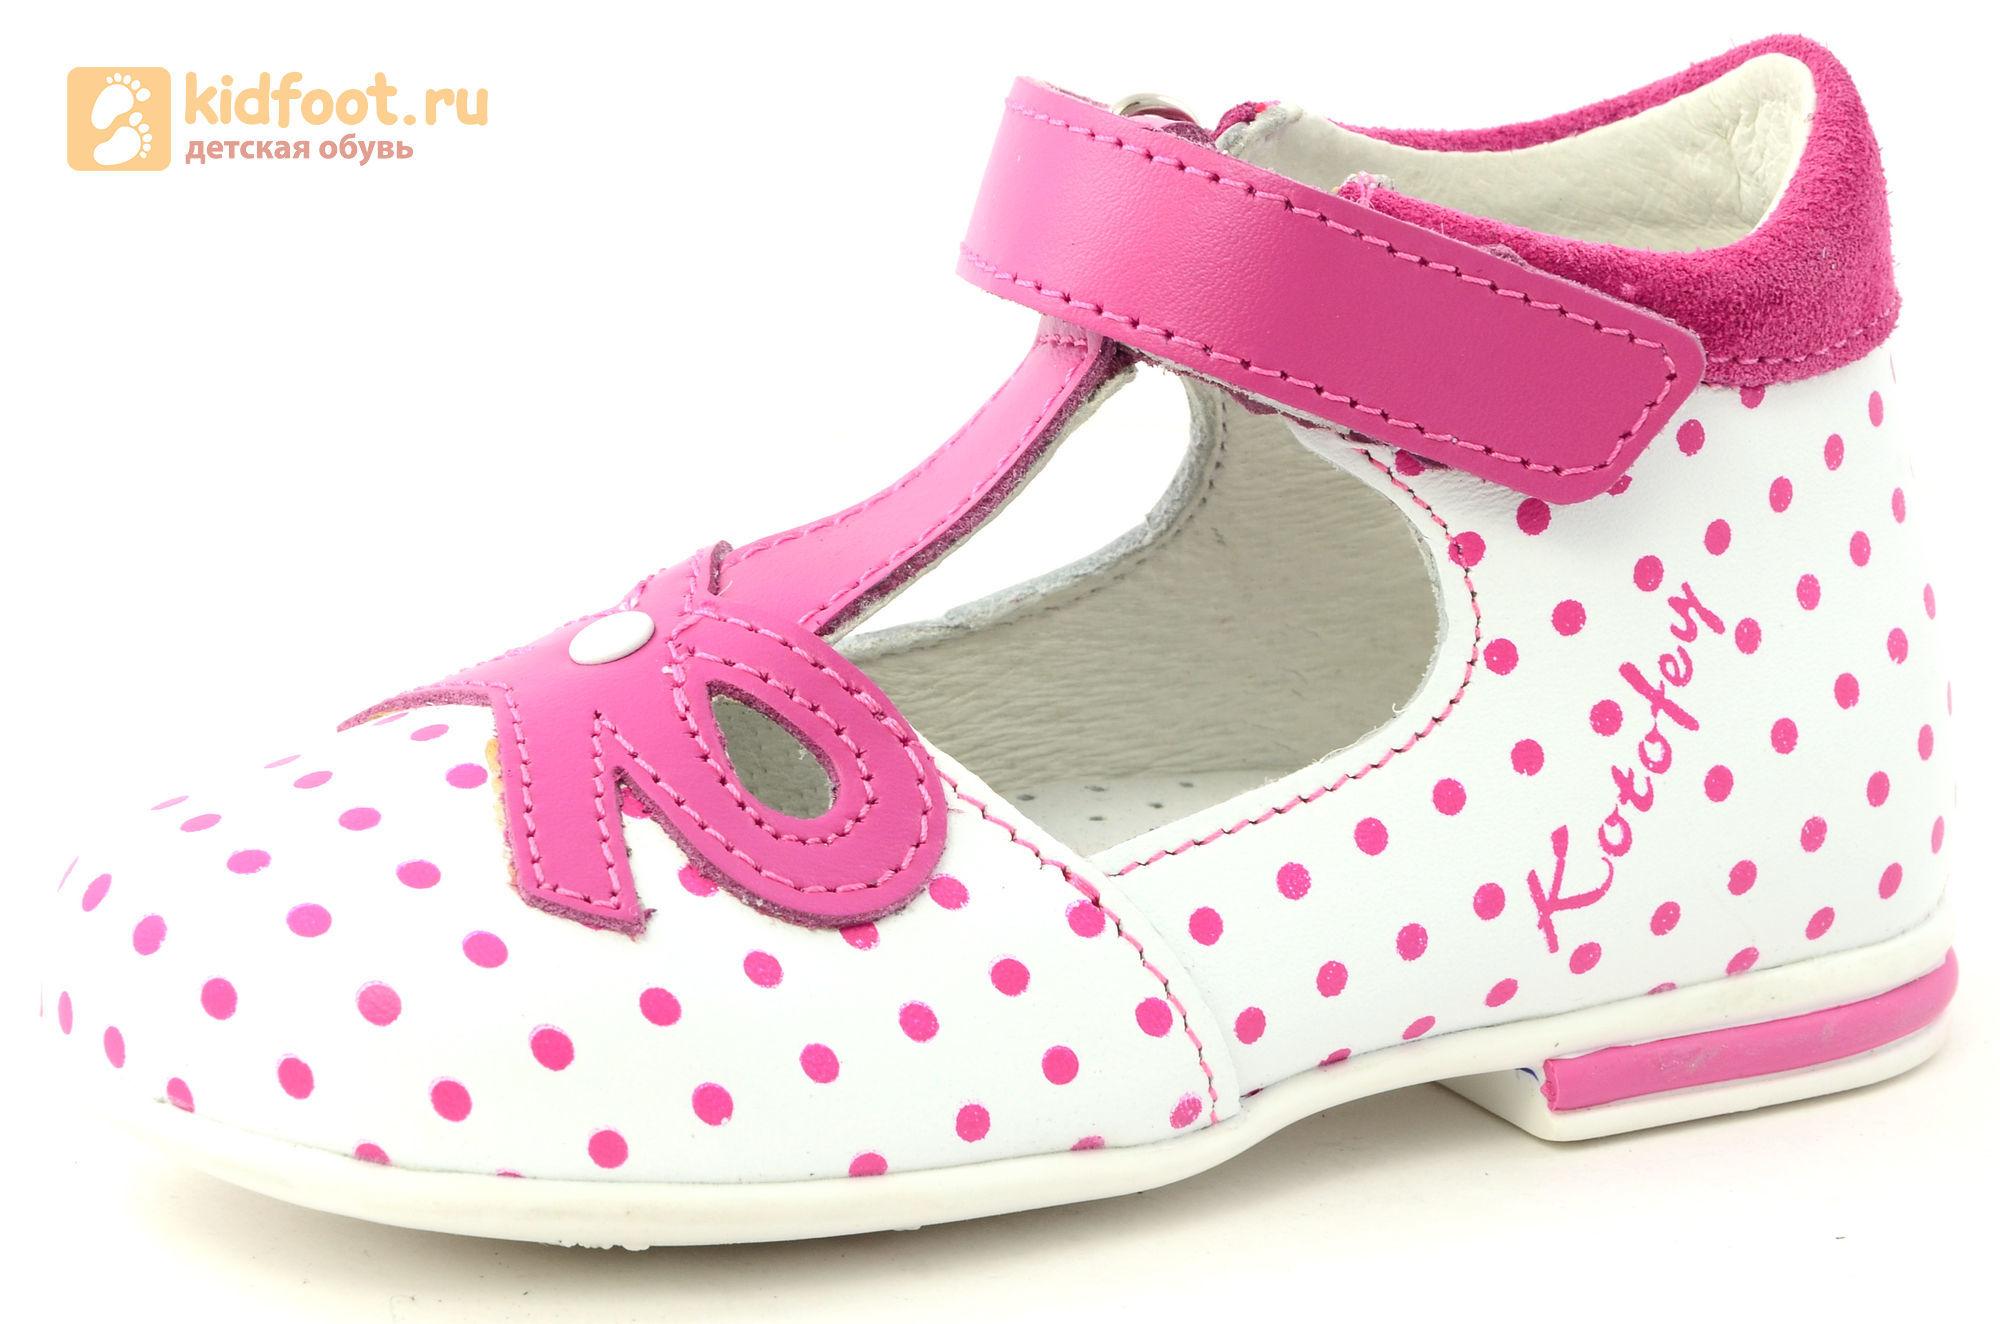 25a7e19c9 Детские туфли Котофей 232059-22 из натуральной кожи, для девочки,  бело-розовые ...